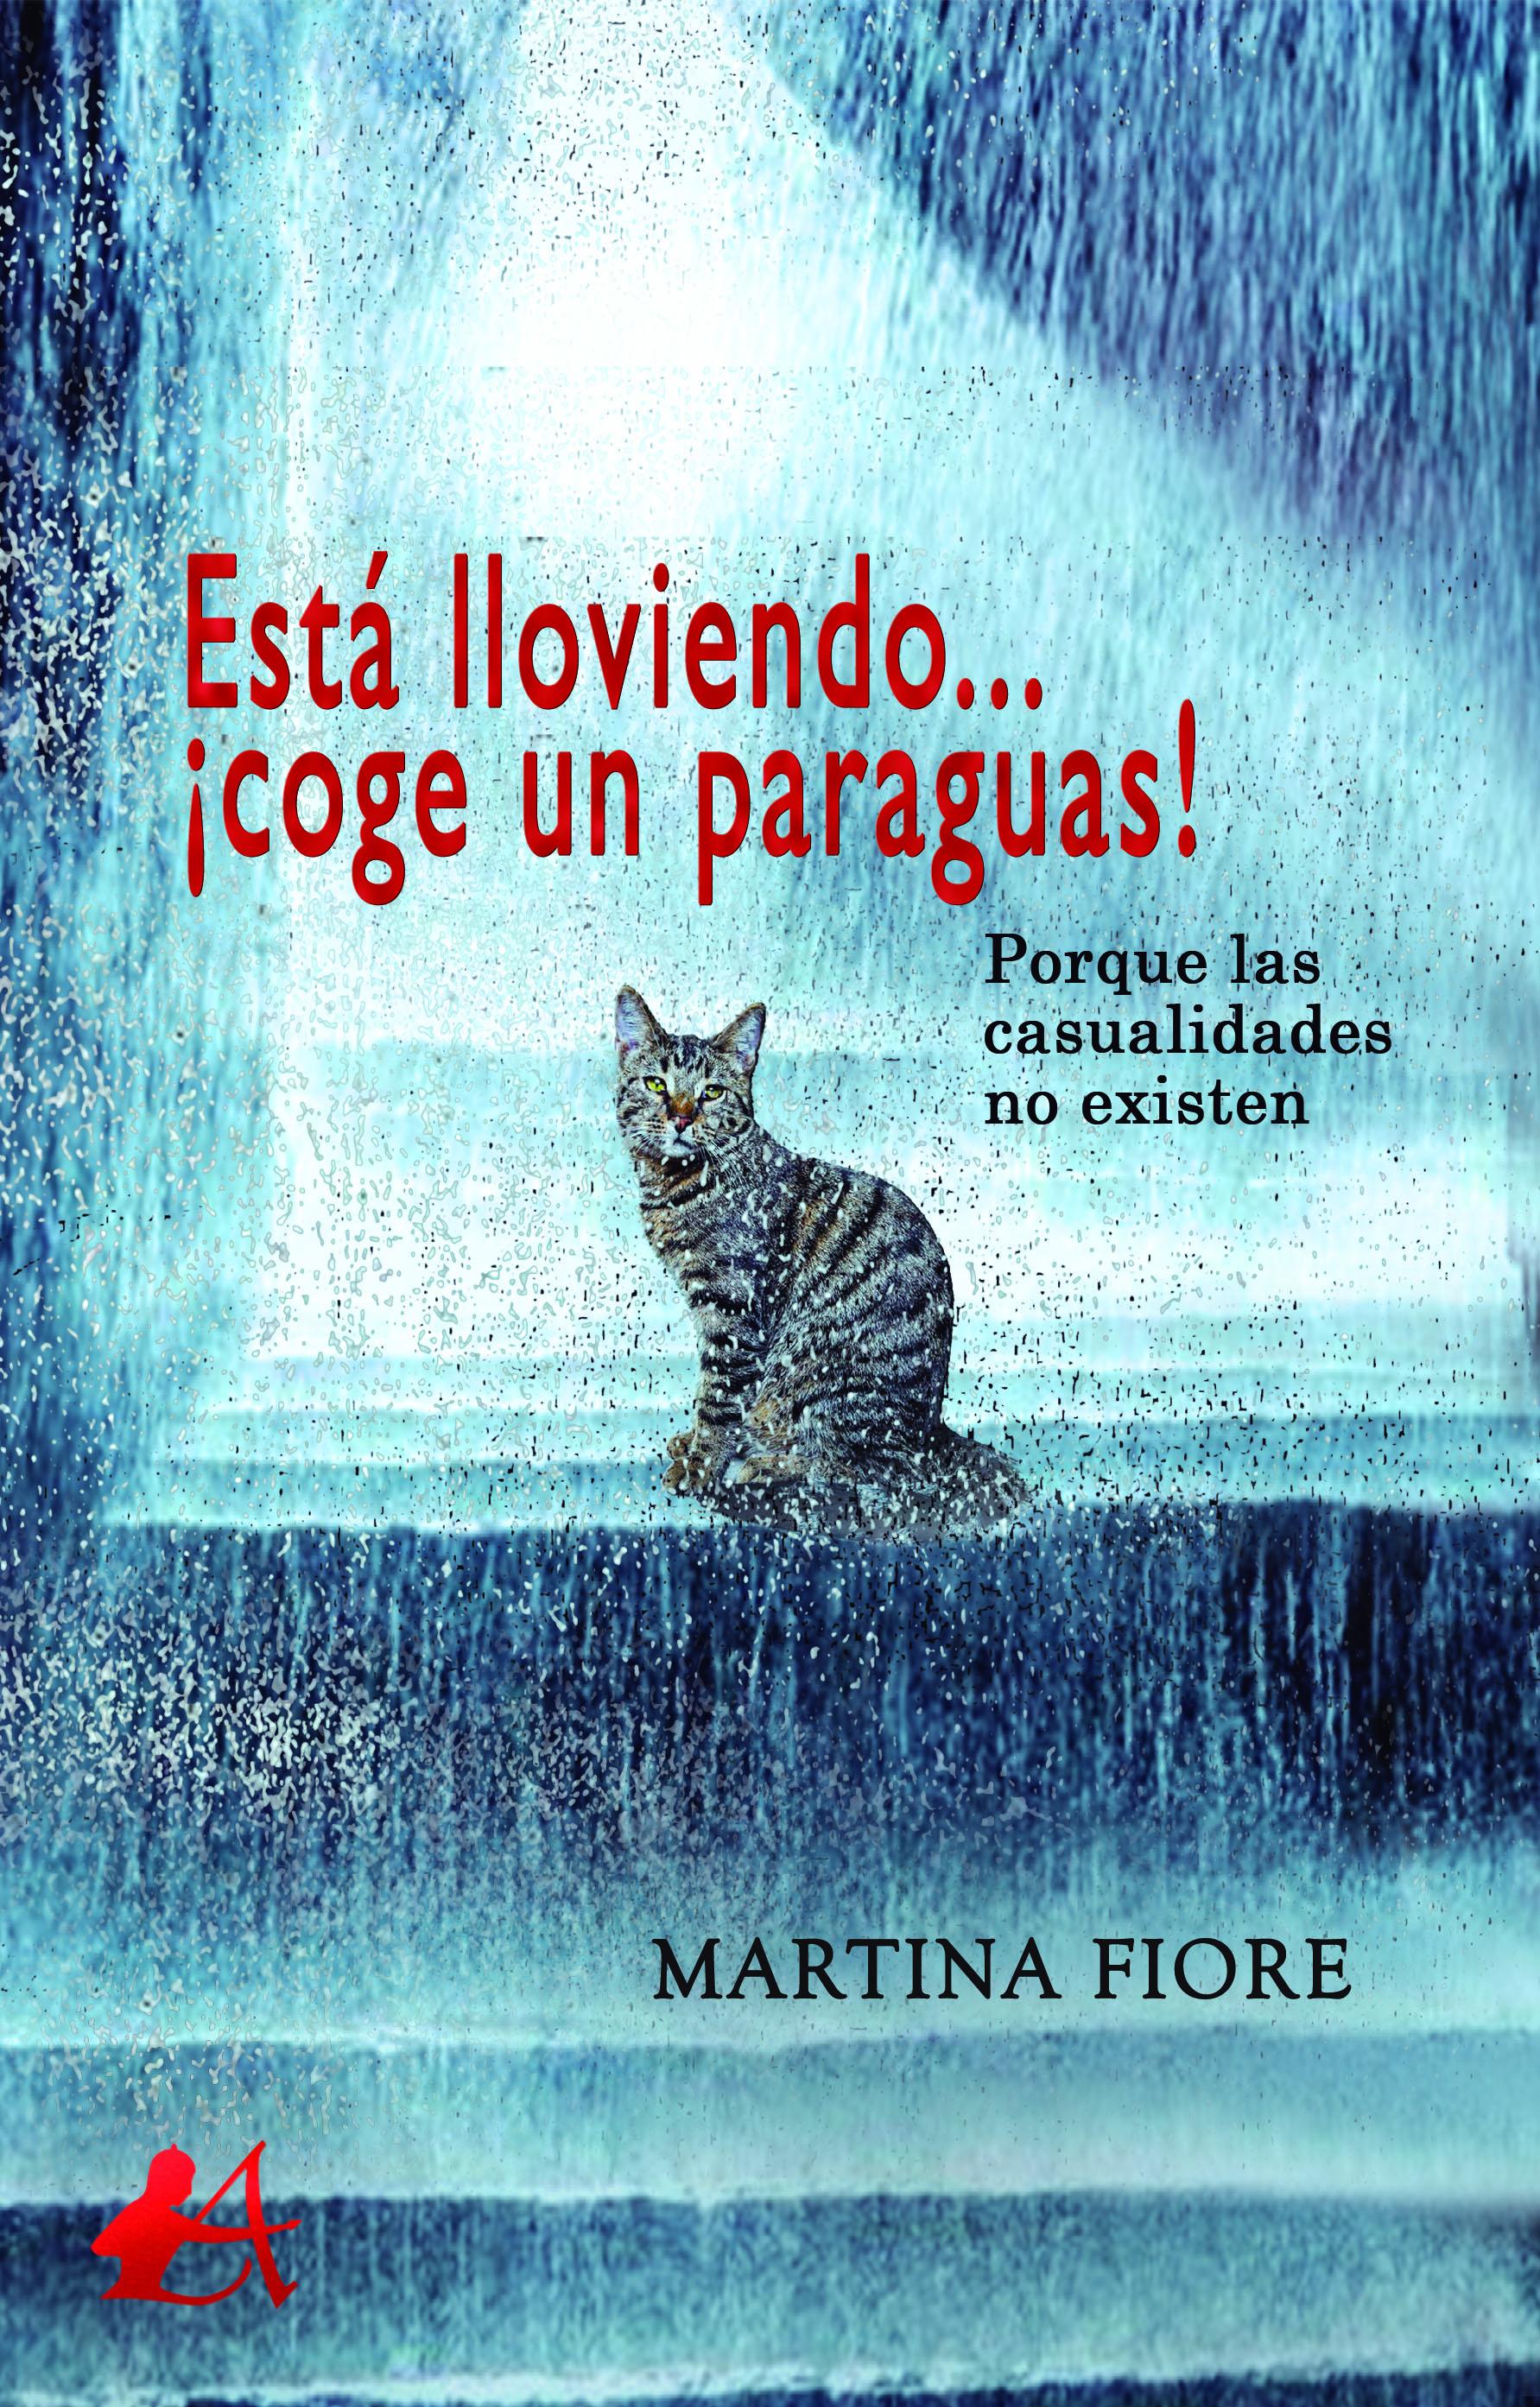 Portada del libro Está lloviendo coge un paraguas de Martina Fiore. Editorial Adarve, Enviar un manuscrito